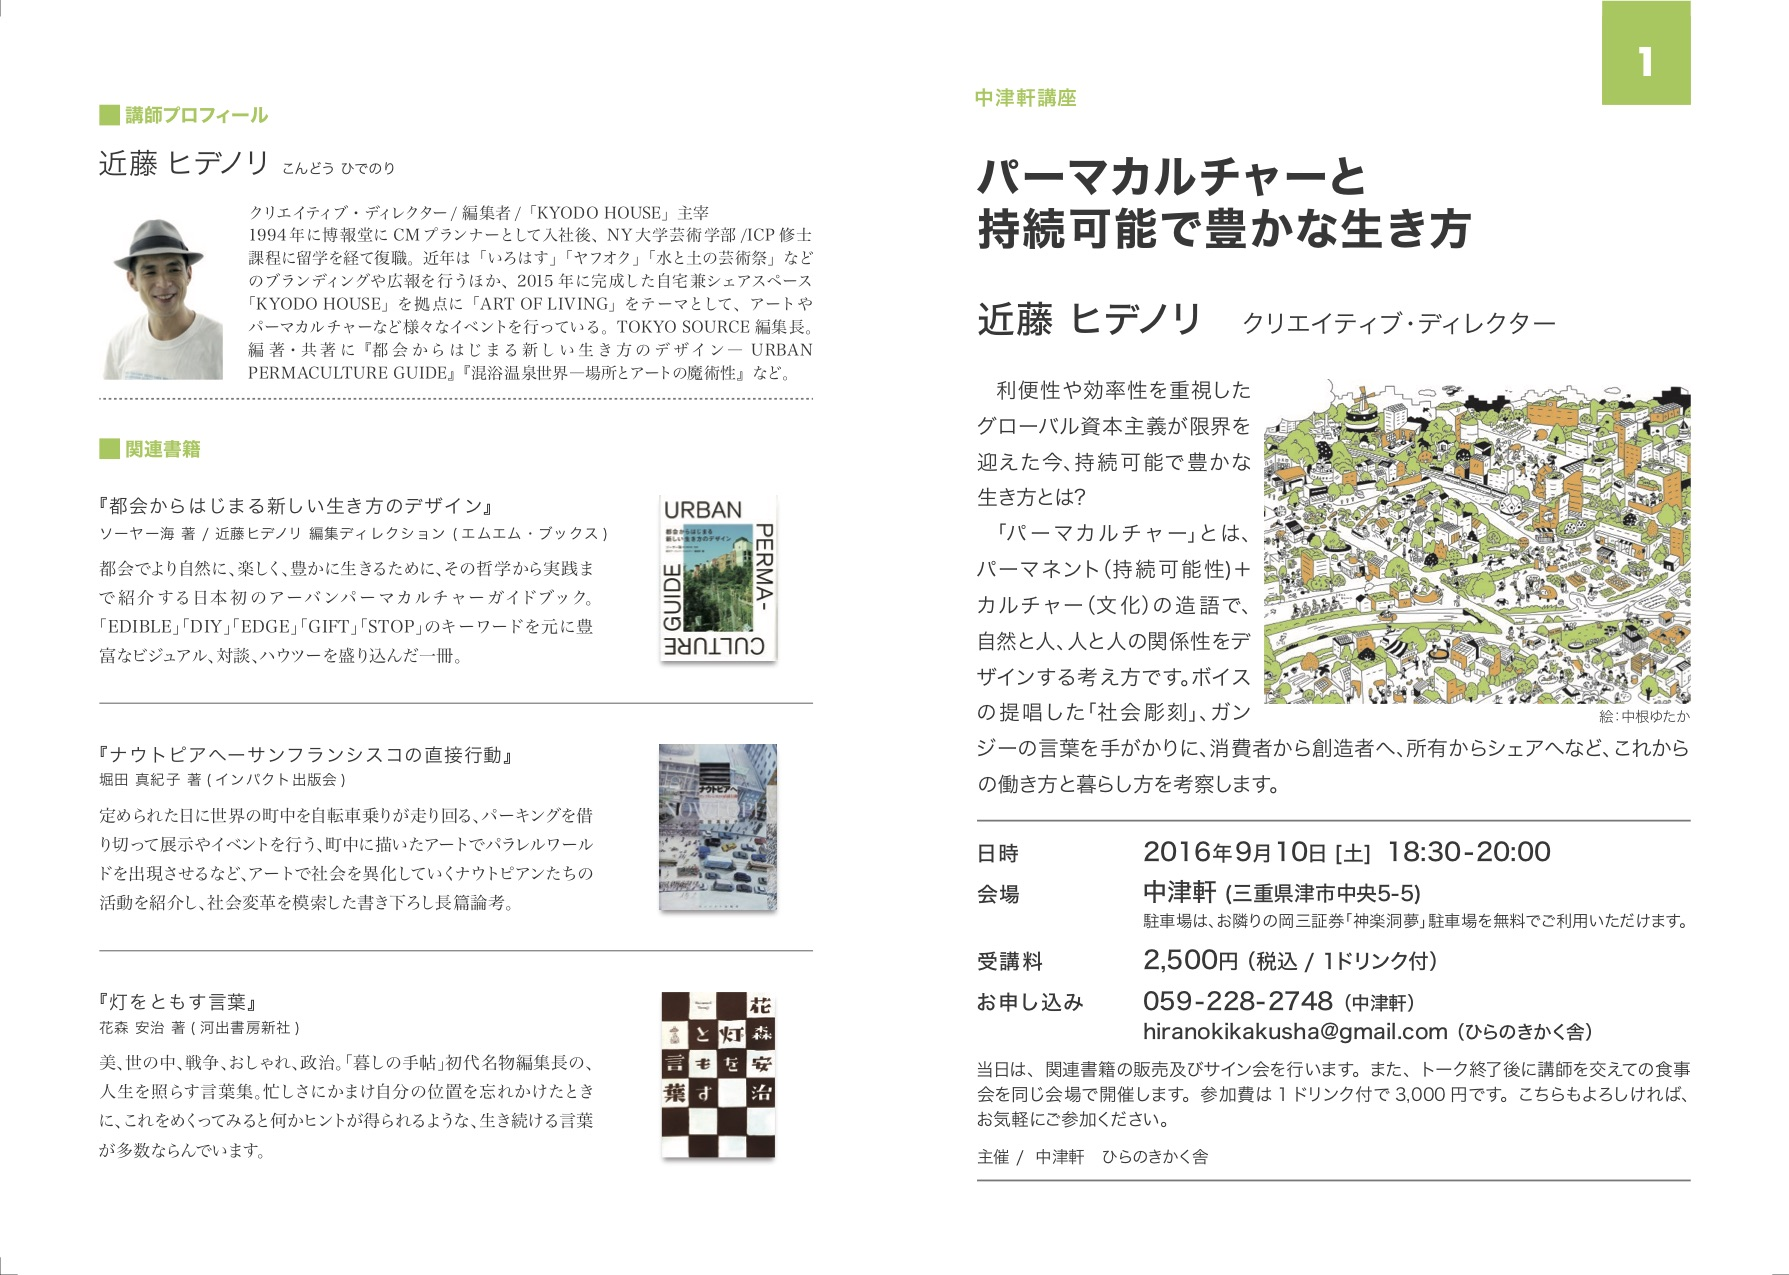 中津軒講座 1「パーマカルチャーと持続可能で豊かな生き方」